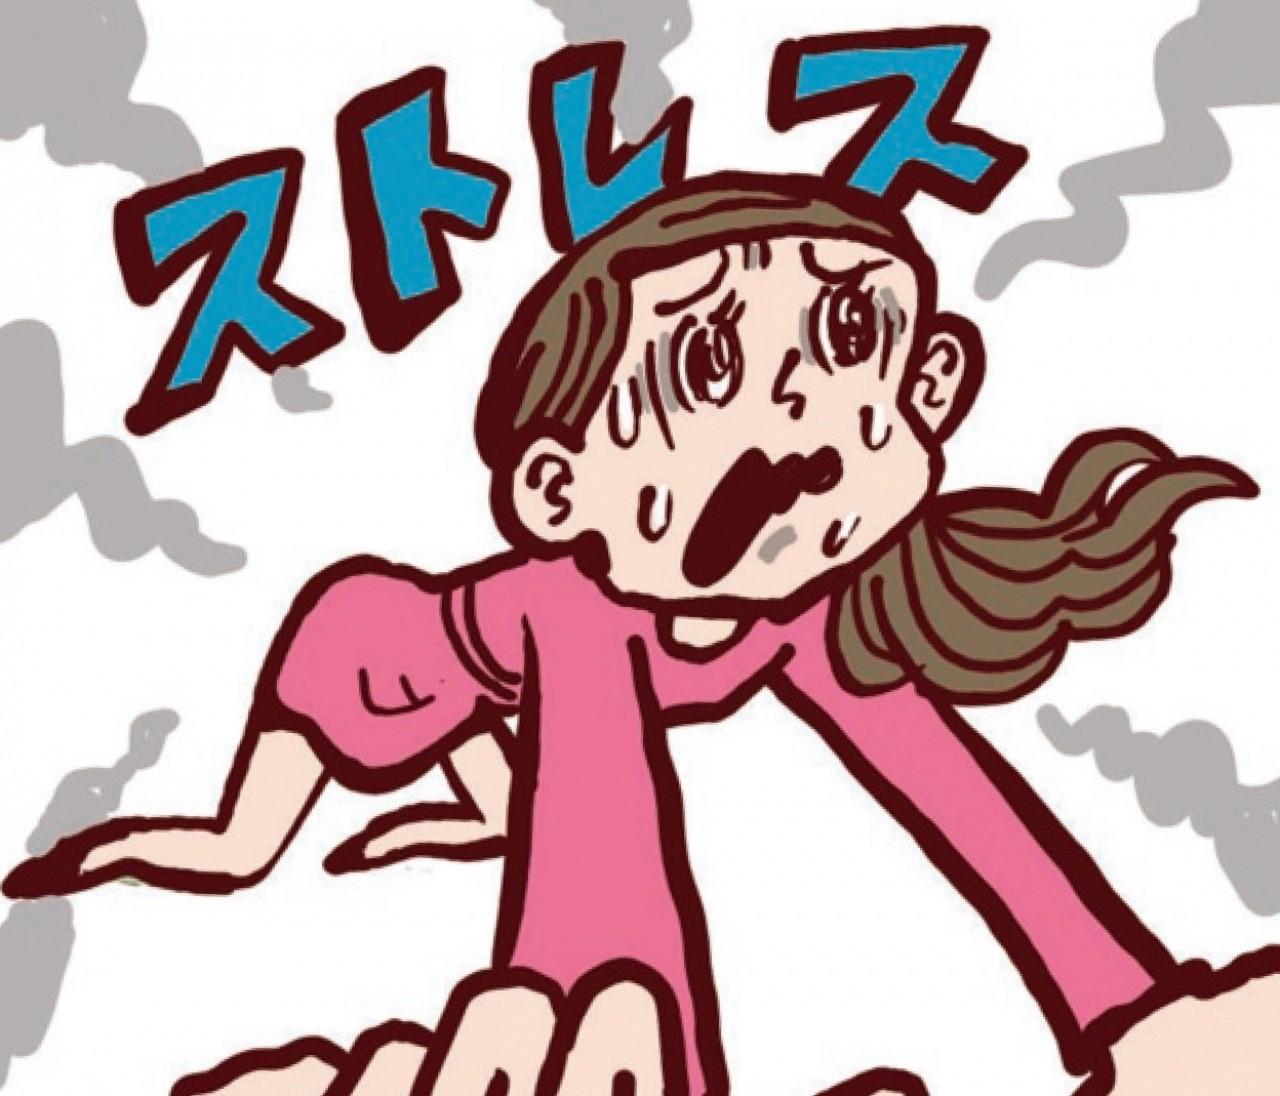 ストレスで肌がピンチ!疲れや睡眠不足の肌をケアしてくれる最新アイテムとは?